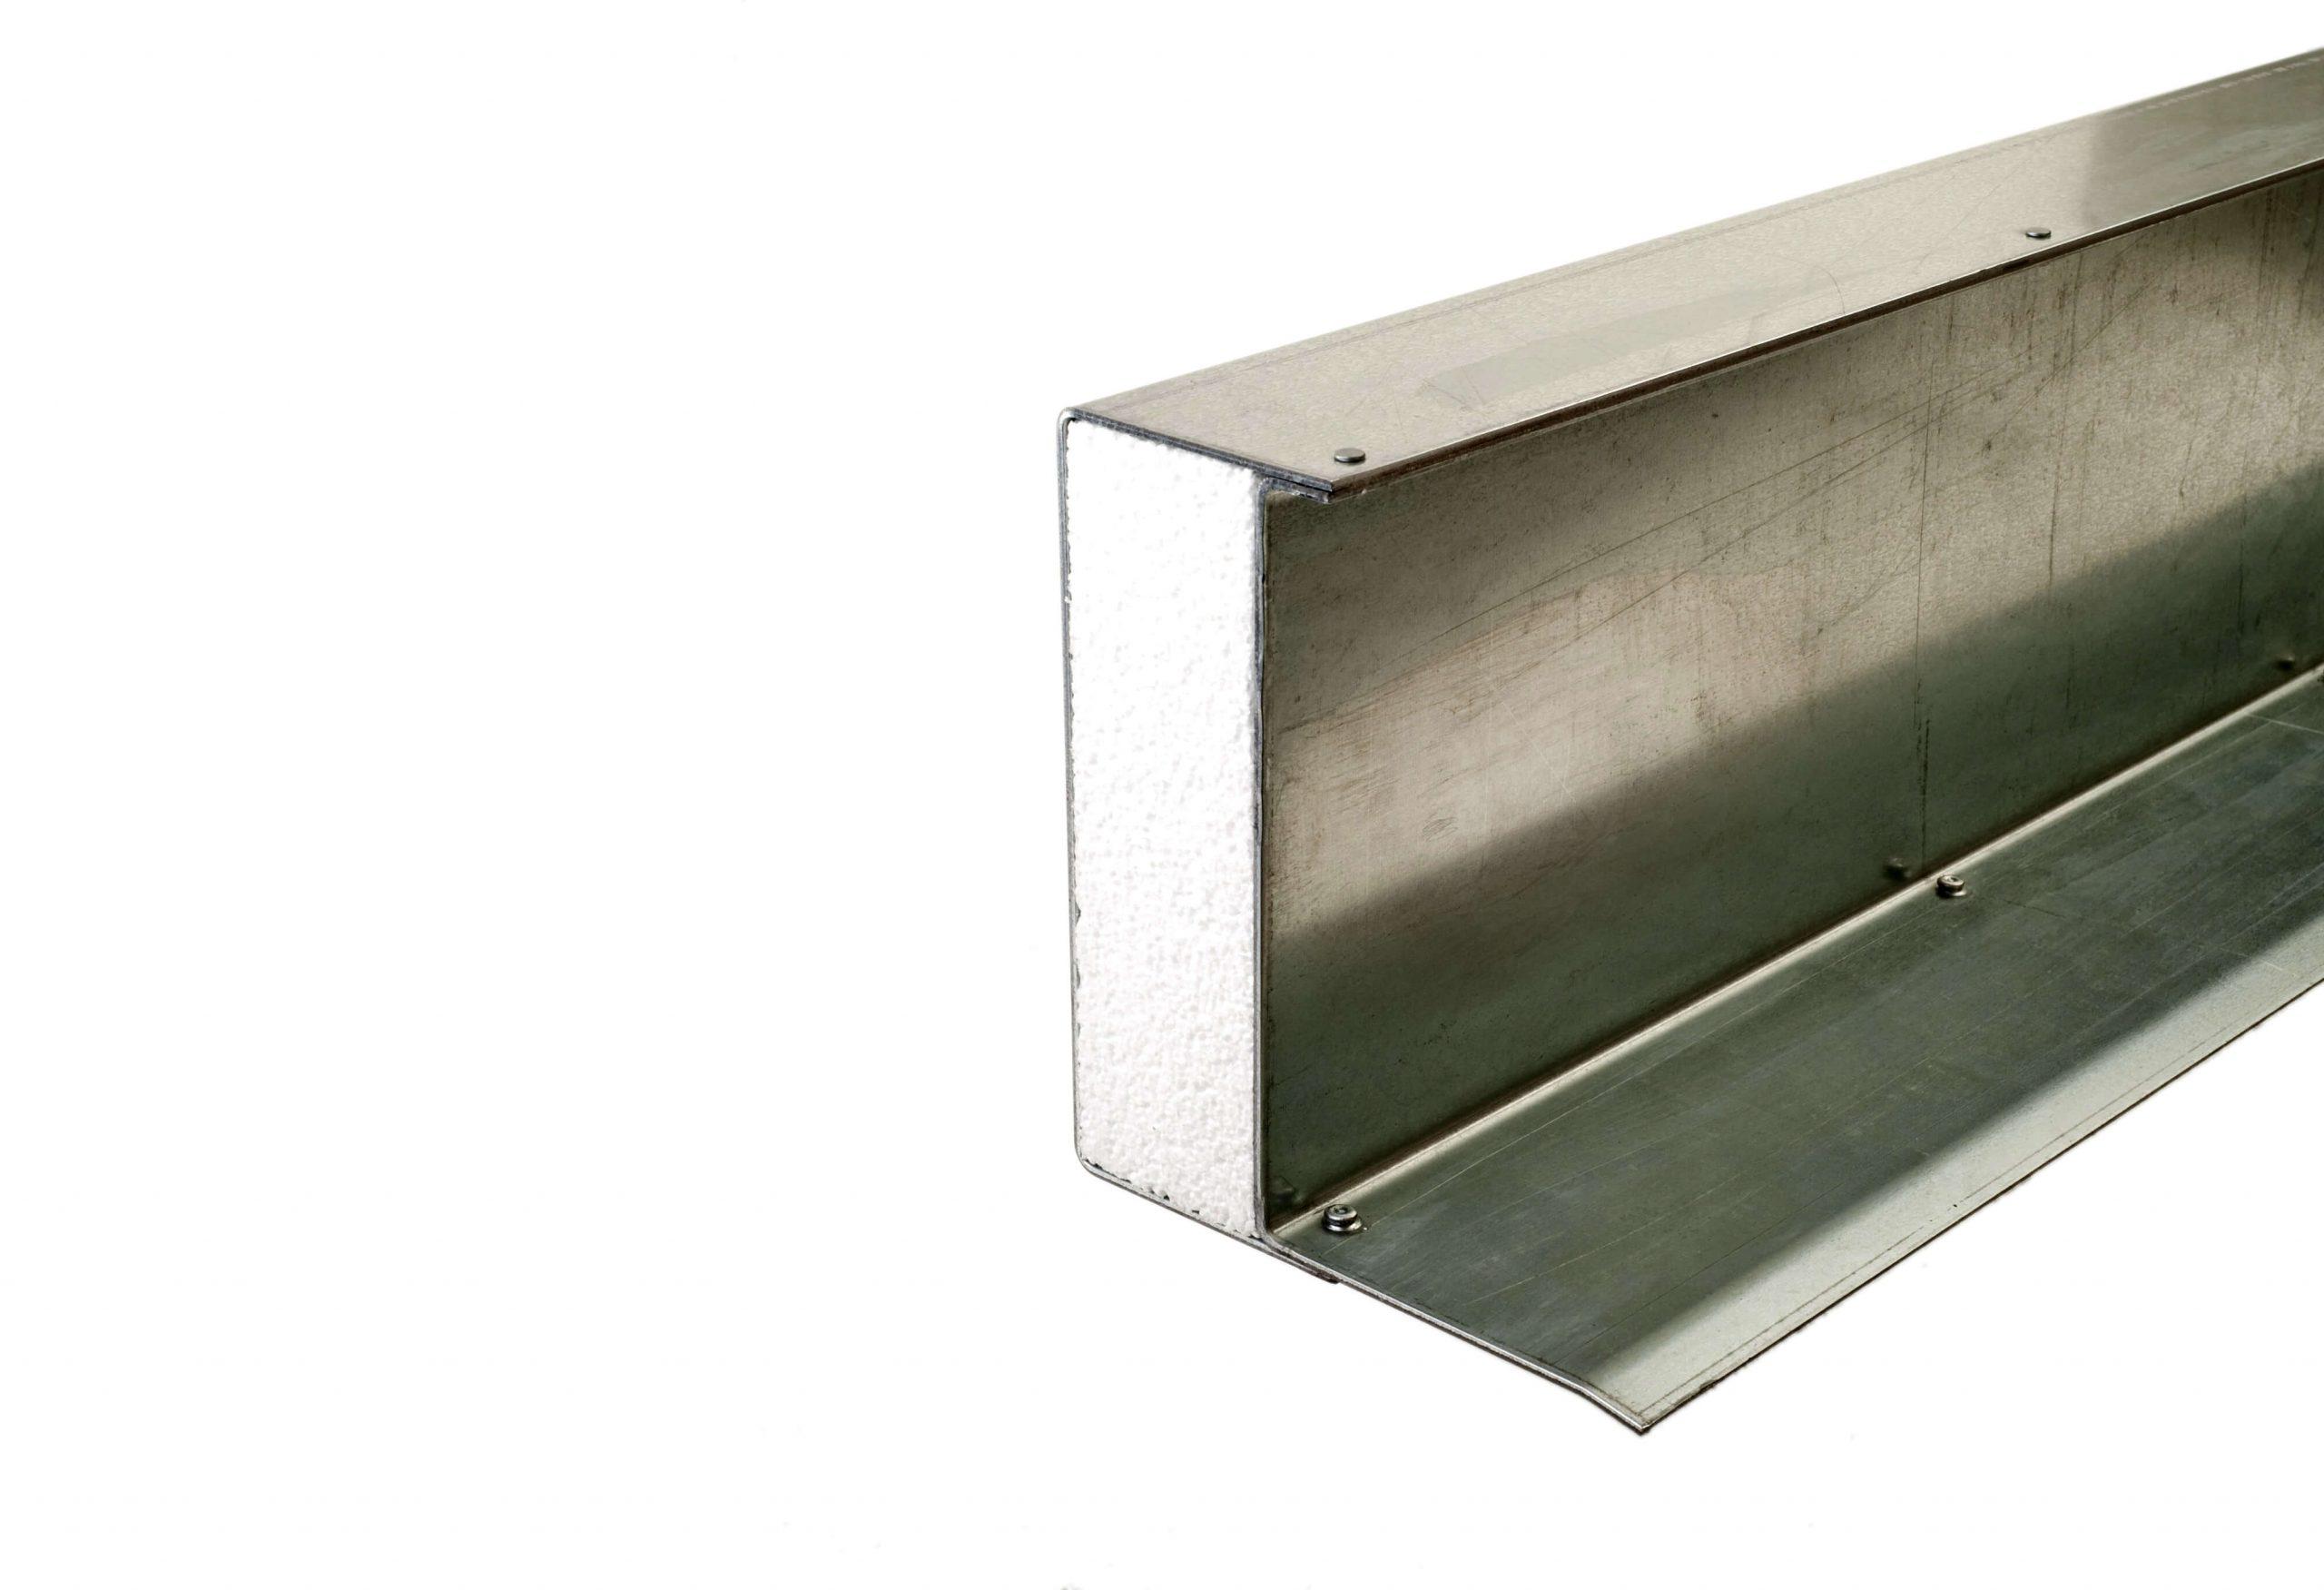 Catnic CN71A | Keystone Box/K-200  IG Box 200 | Birtley SBL 200